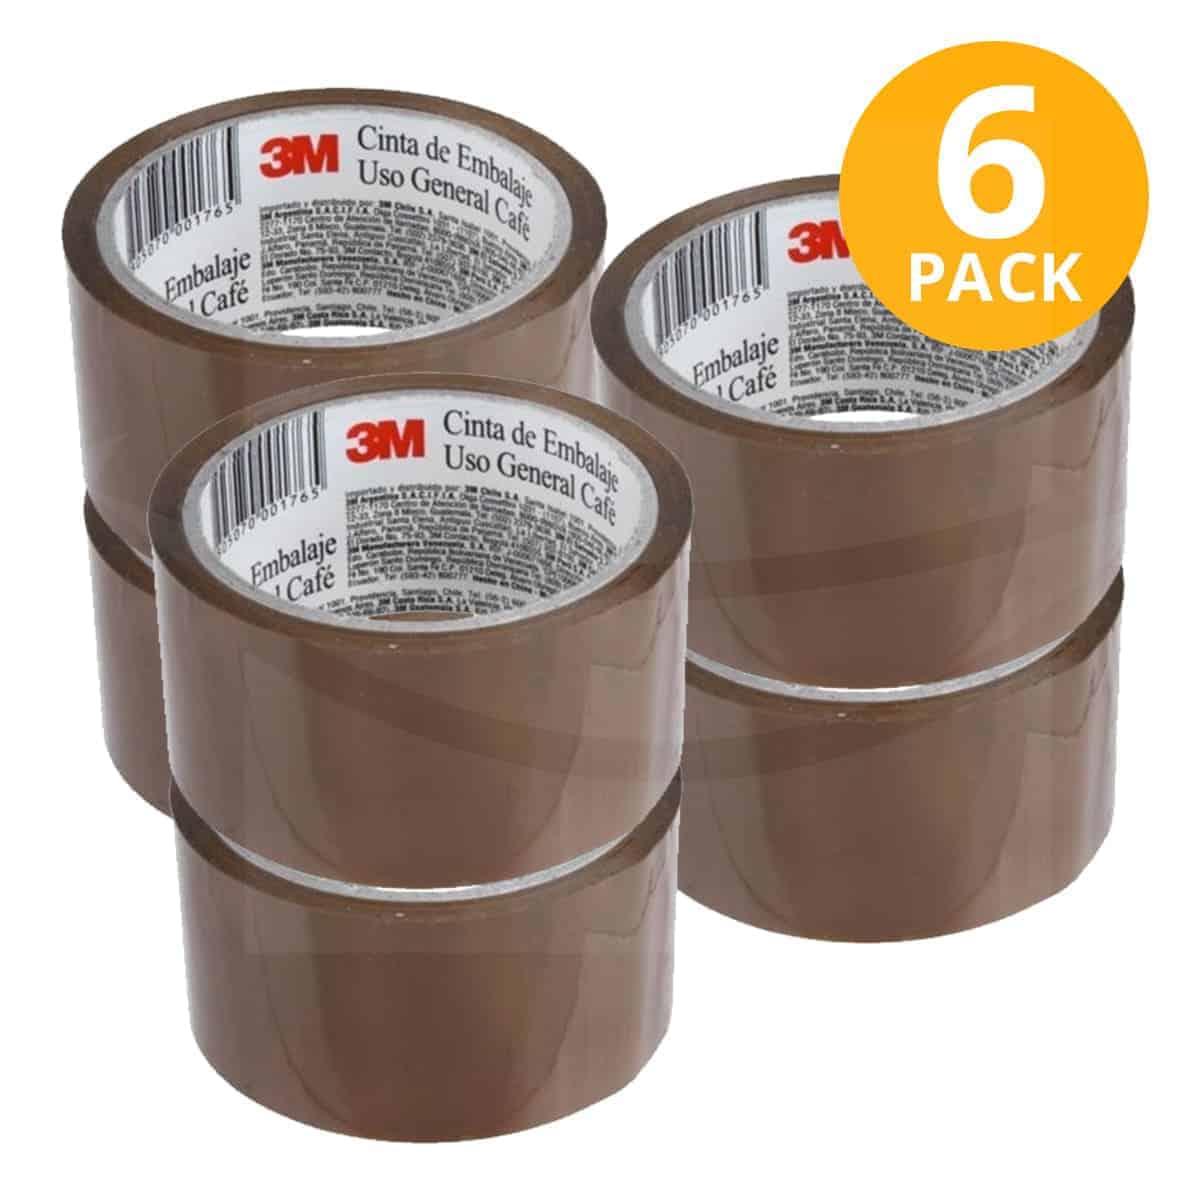 Scotch, Cinta Adhesiva Embalaje Chocolate, 40 mts (Pack de 6)